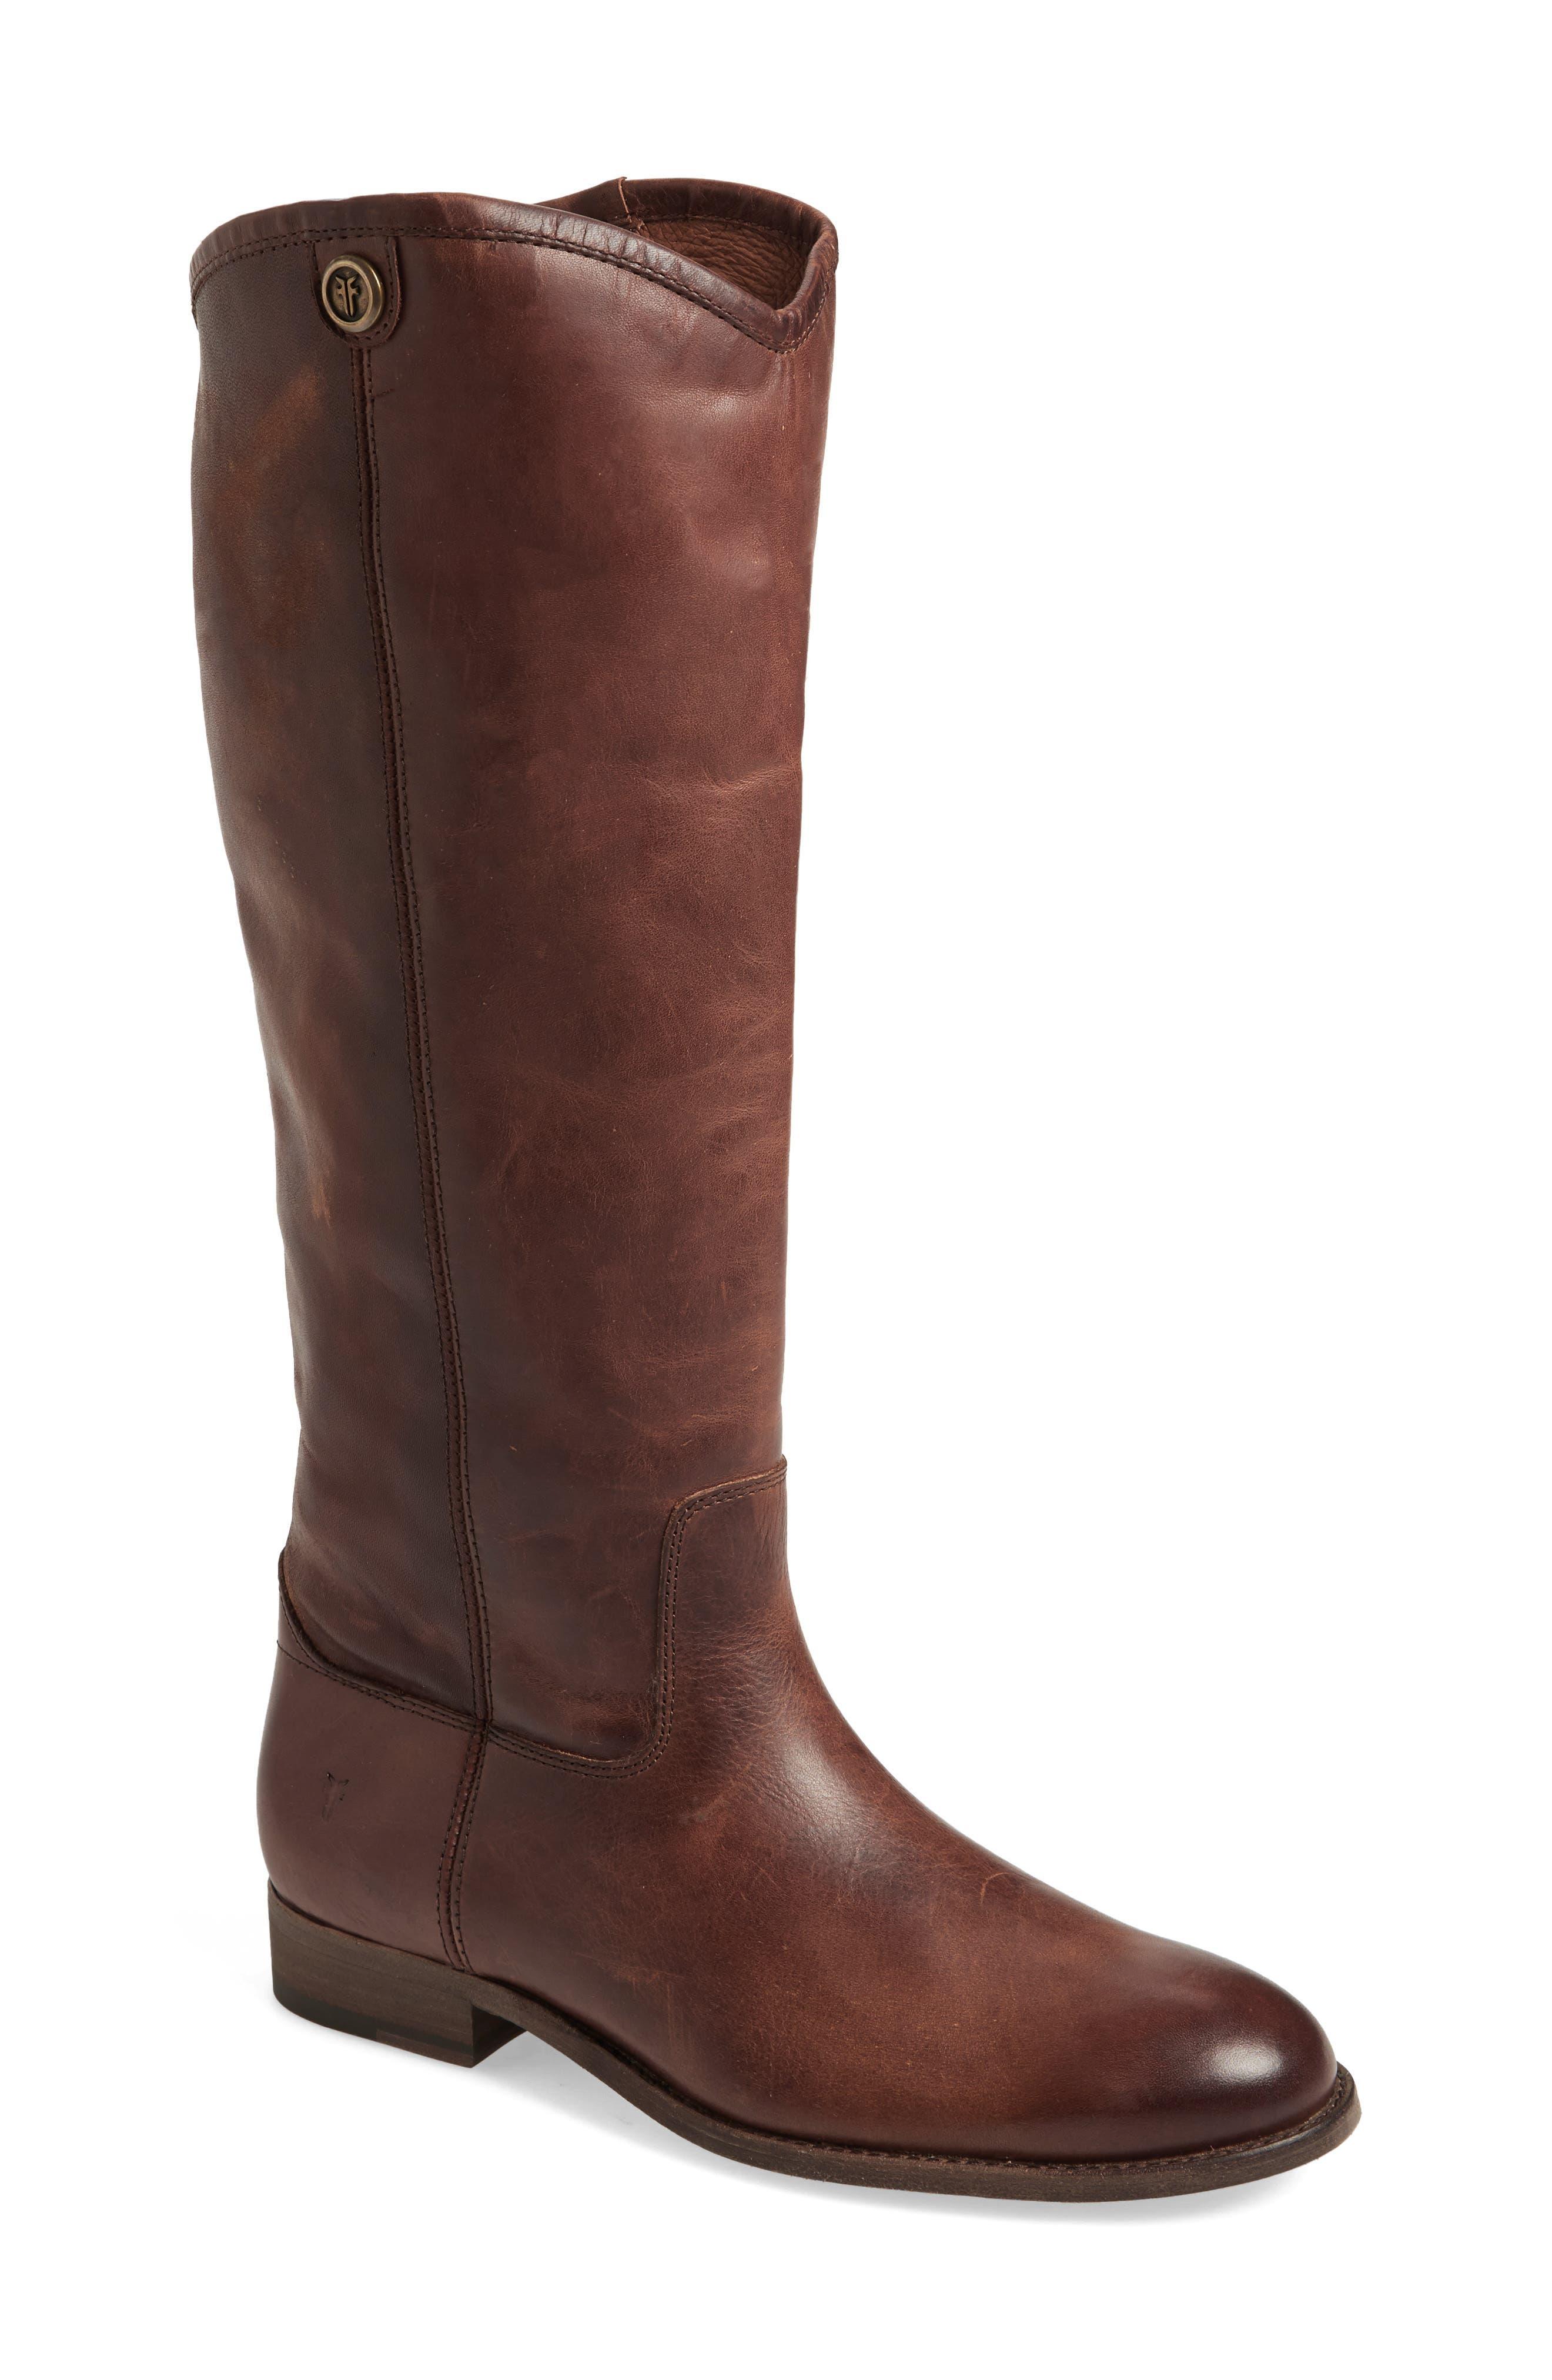 Frye Melissa Button 2 Knee High Boot Regular Calf- Brown